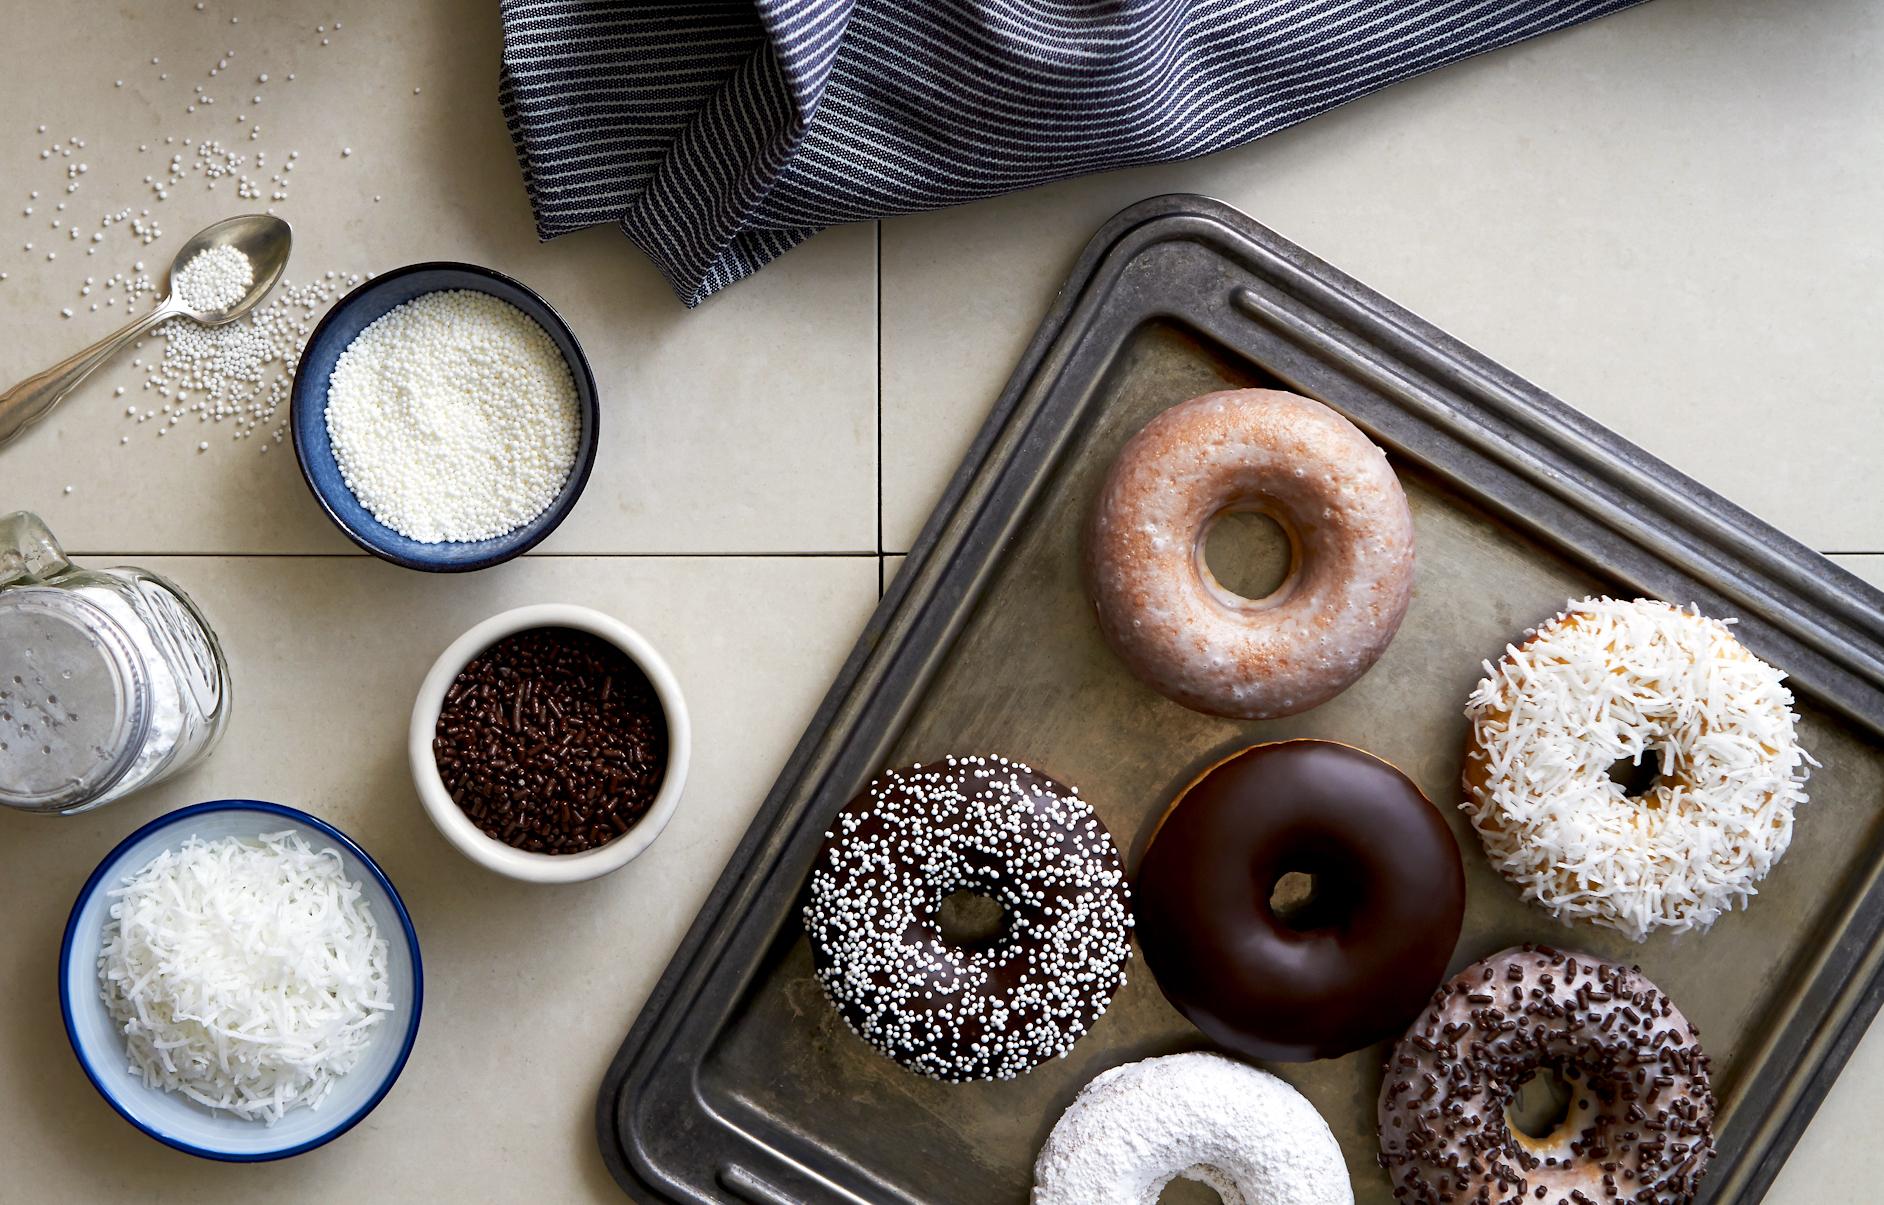 Test_ElysaWeitala_Donuts.jpg